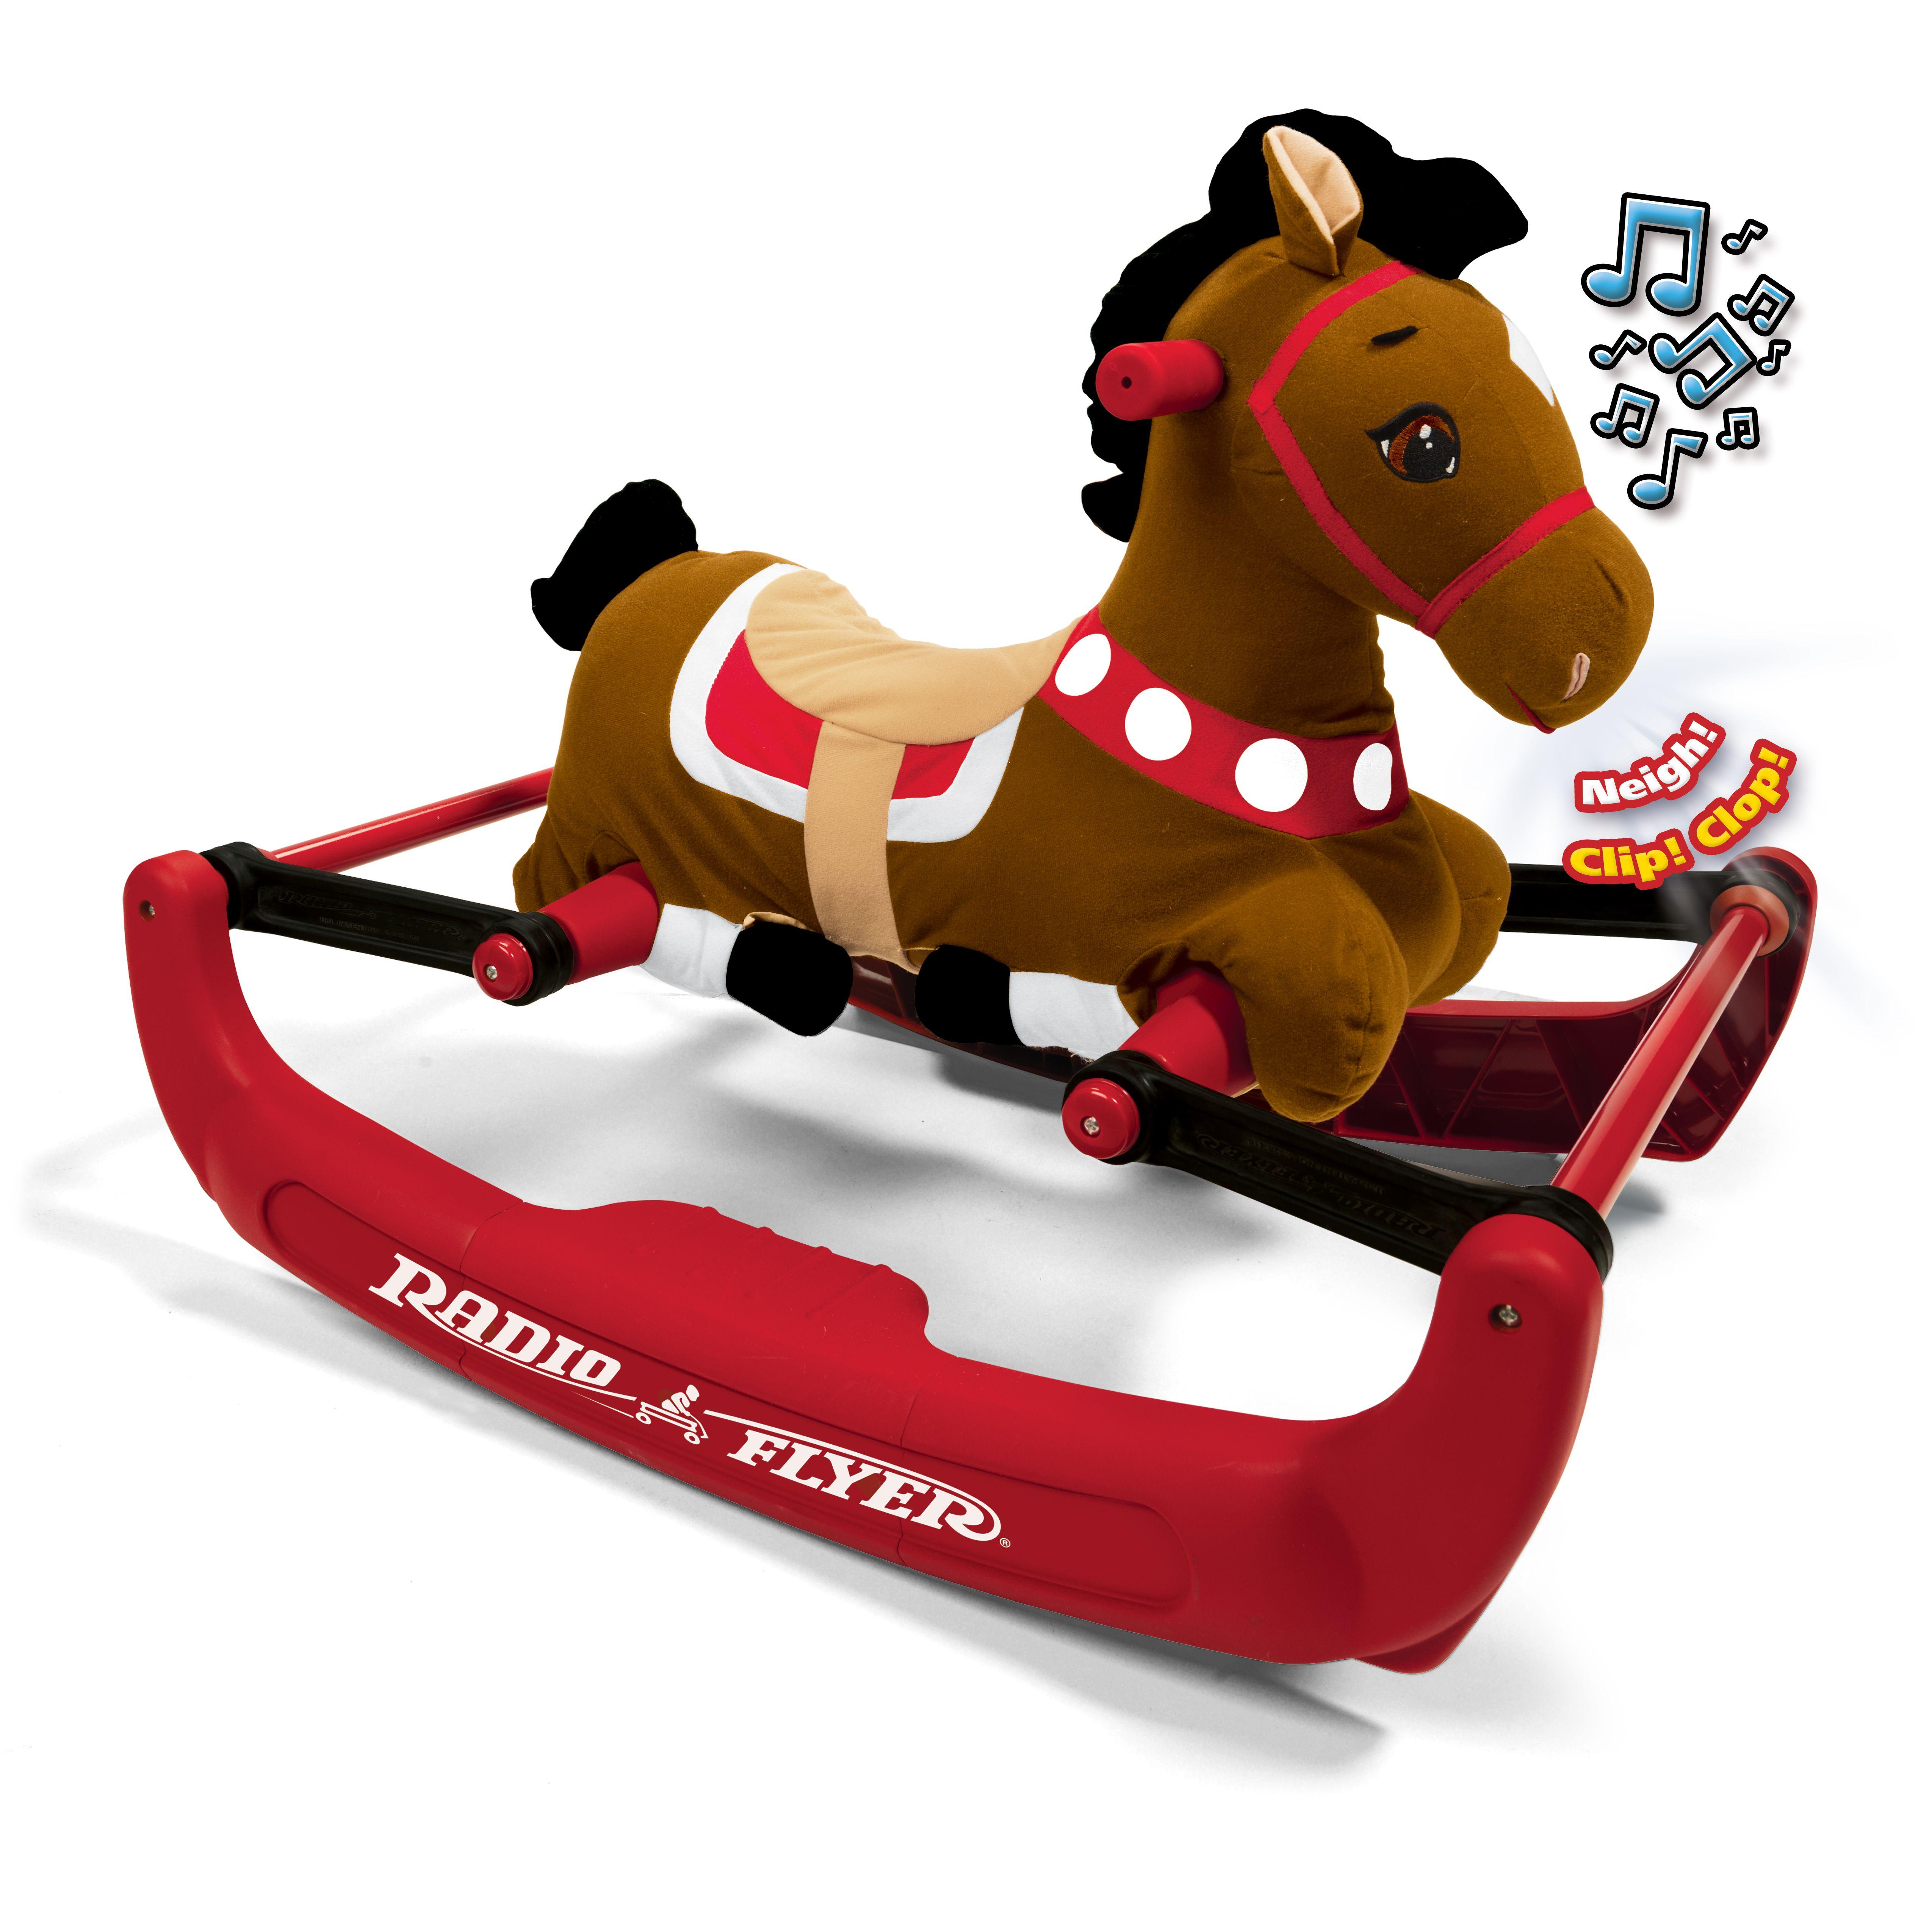 Radio Flyer Soft Rock & Bounce Pony with Sound